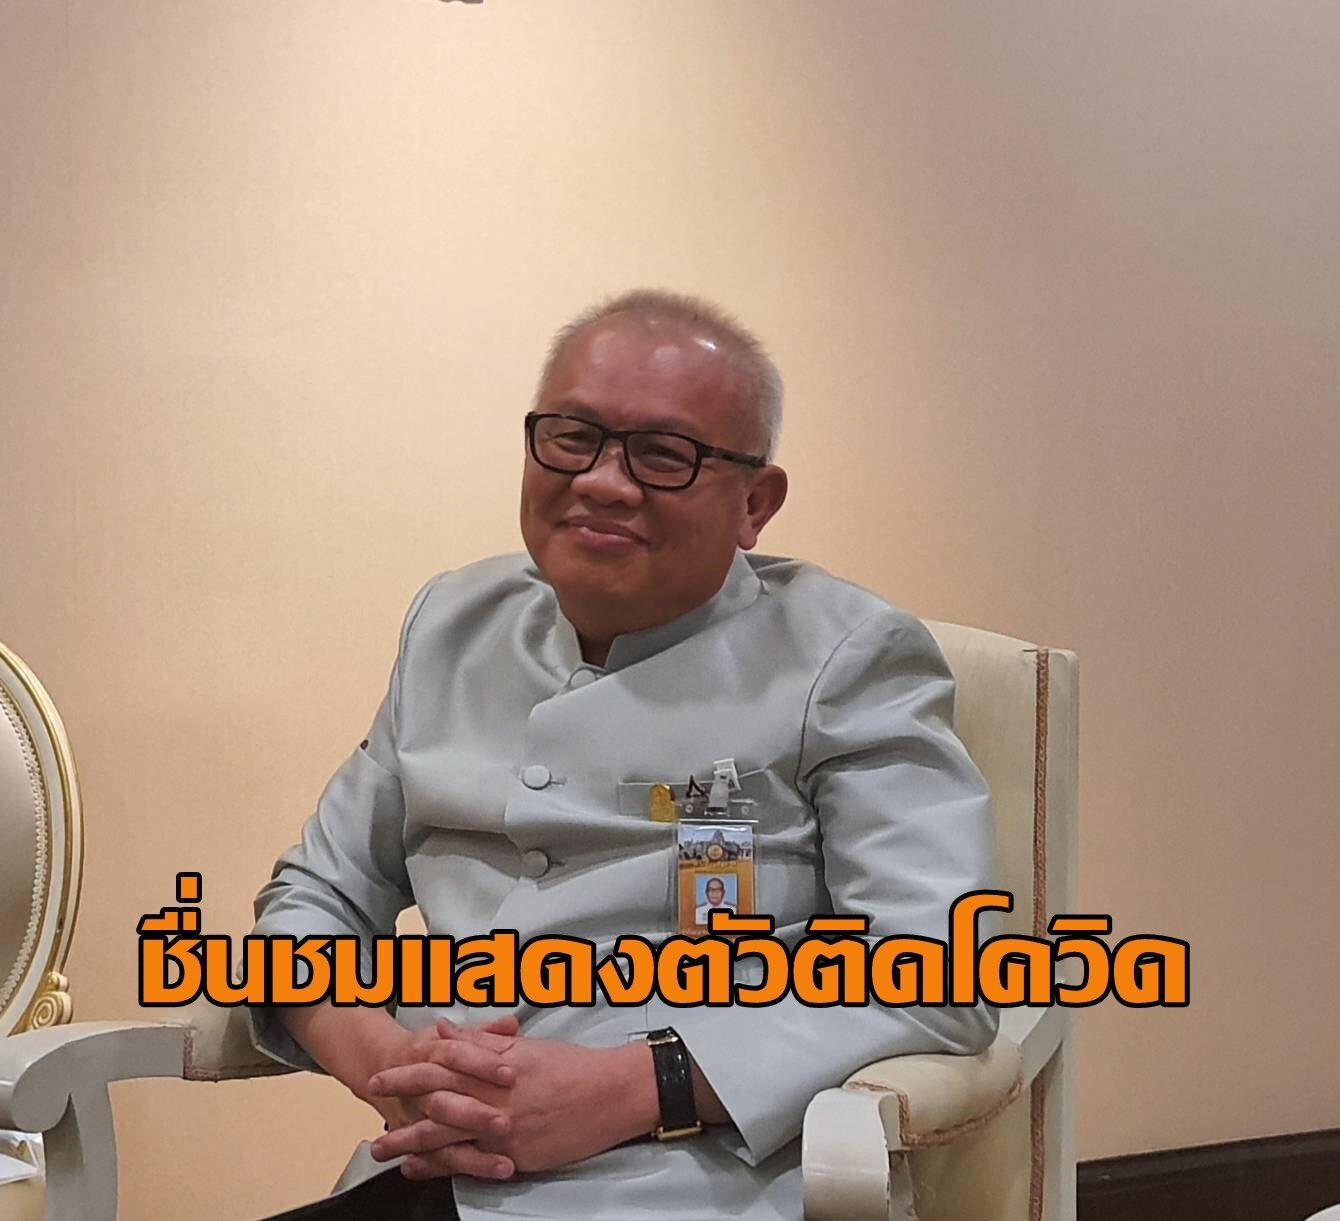 """""""สุพัฒนพงษ์""""ชมผู้แสดงตัวติดโควิด กระตุ้นคนไทยรับมือ ลุ้นคุมได้เร็วกว่าสิงคโปร์"""